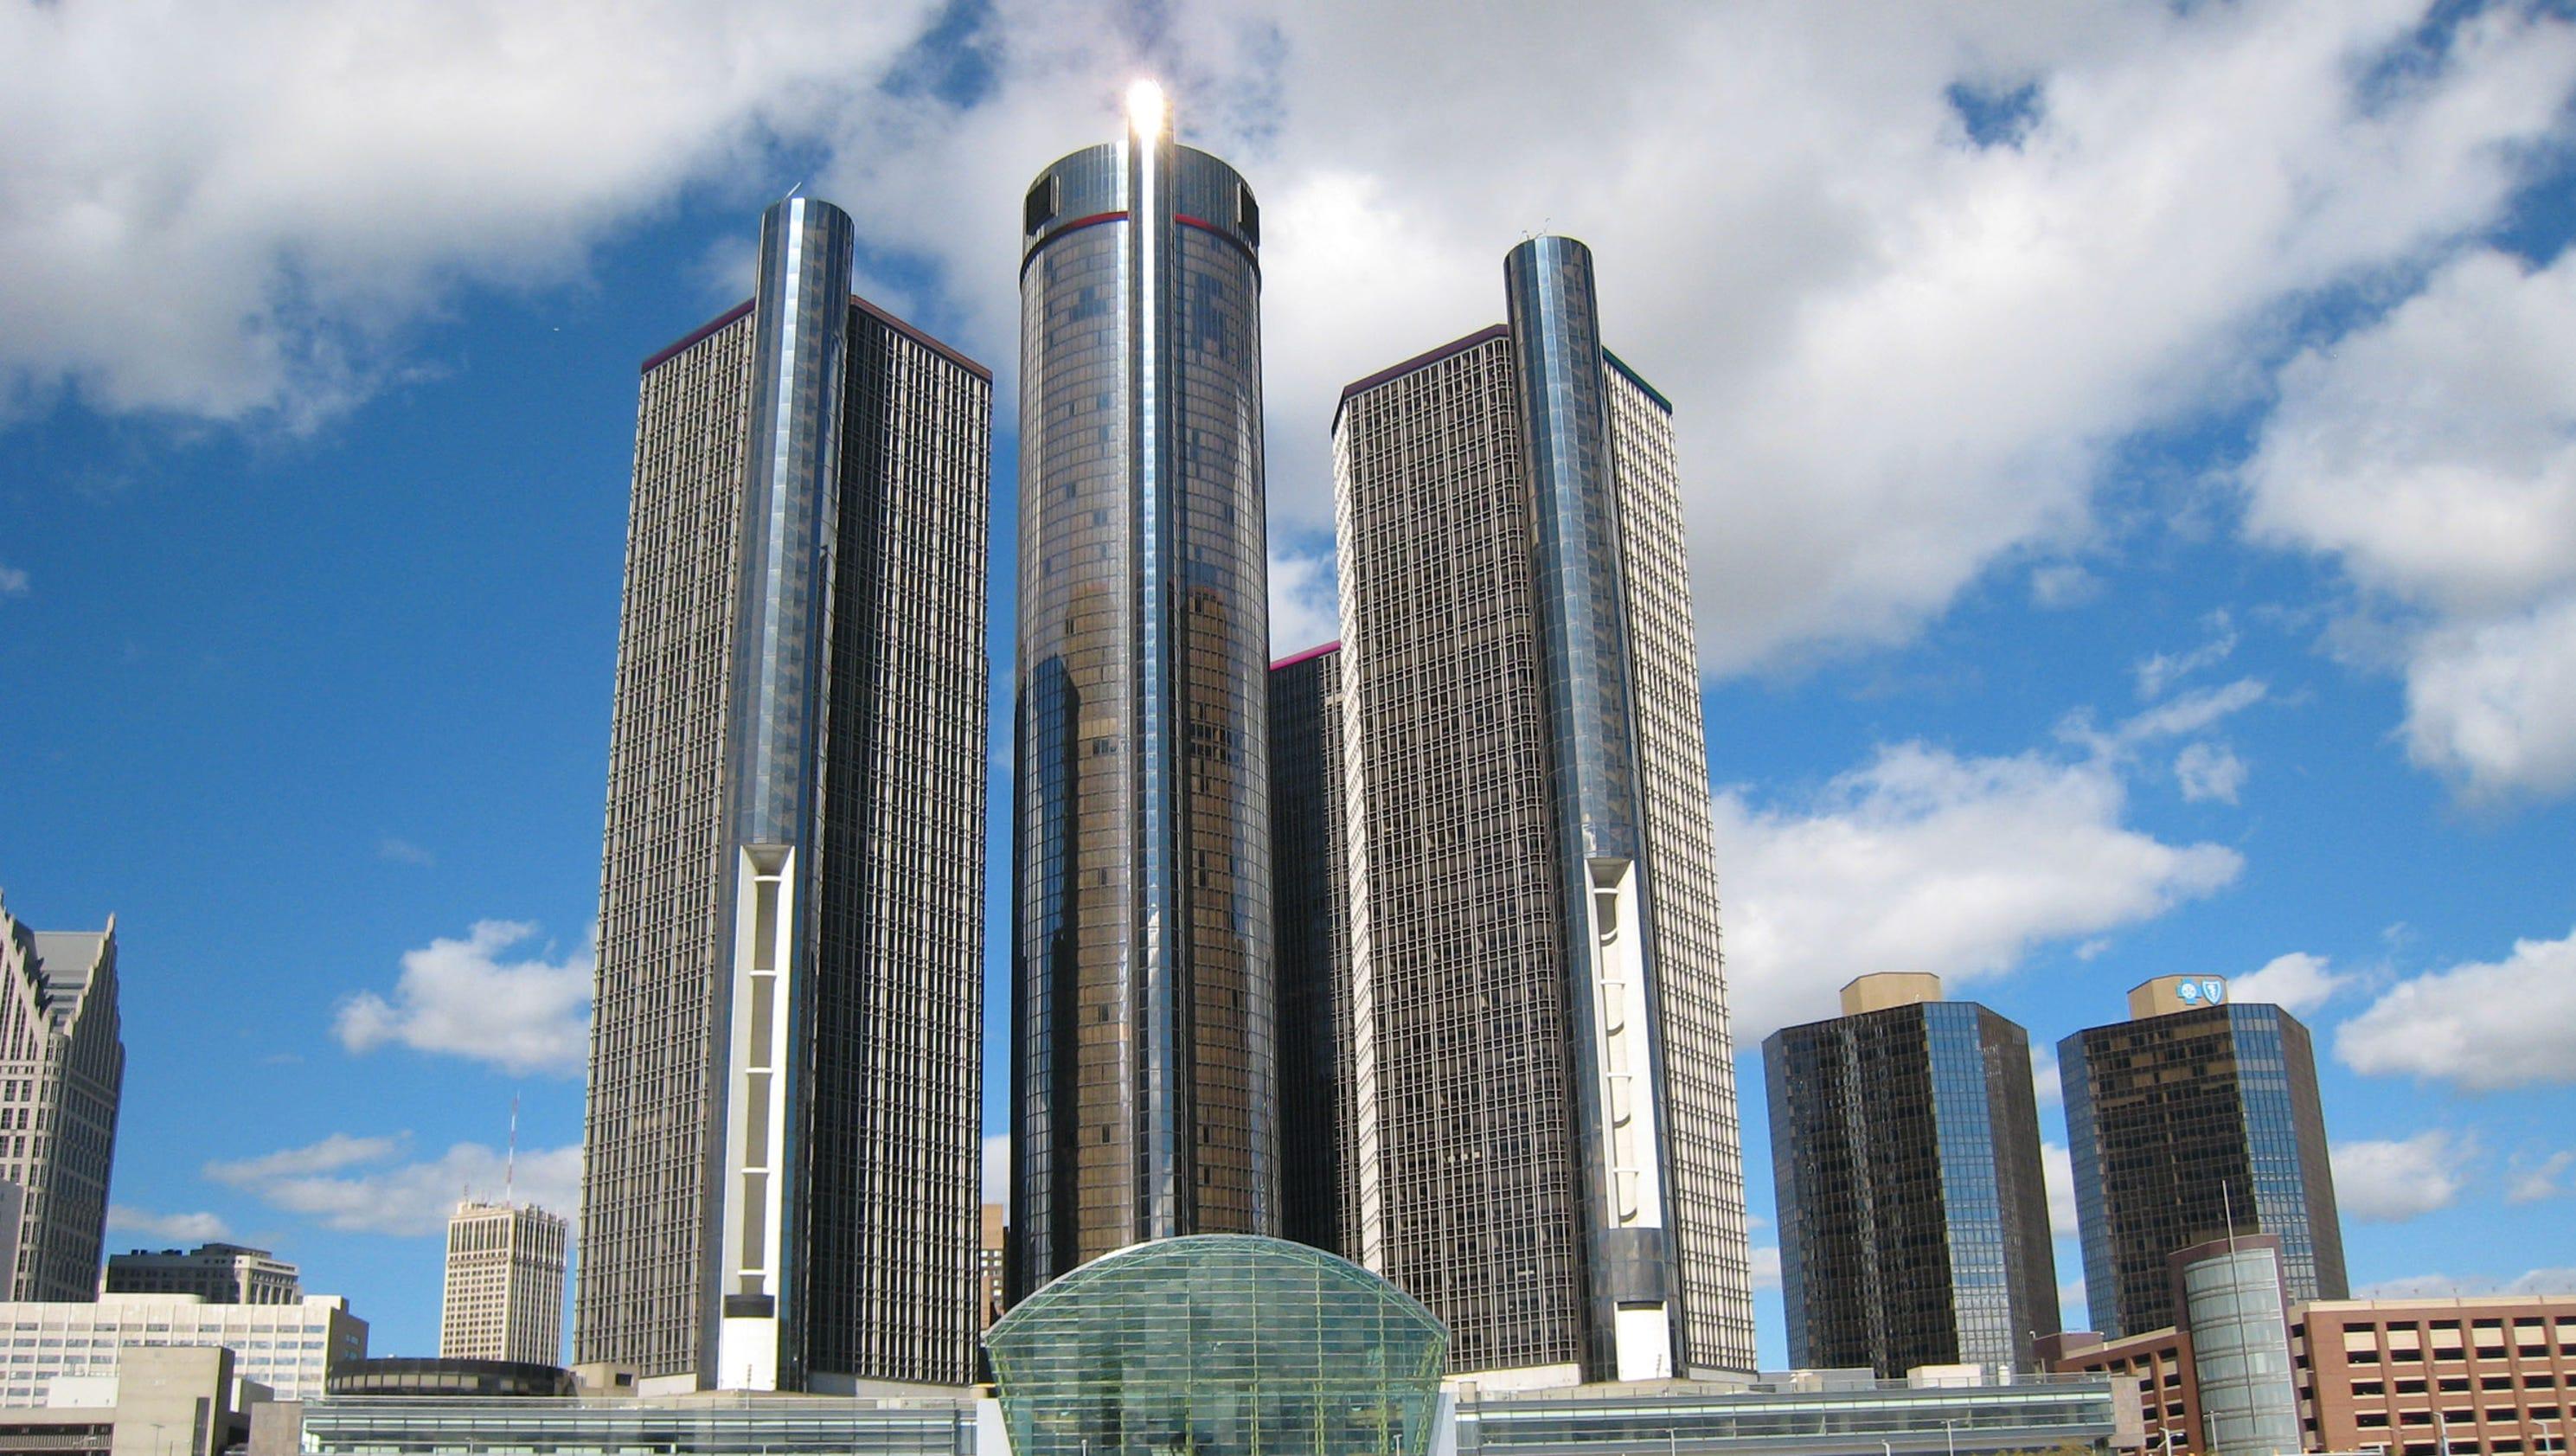 Downtown Detroit's 20 tallest buildings